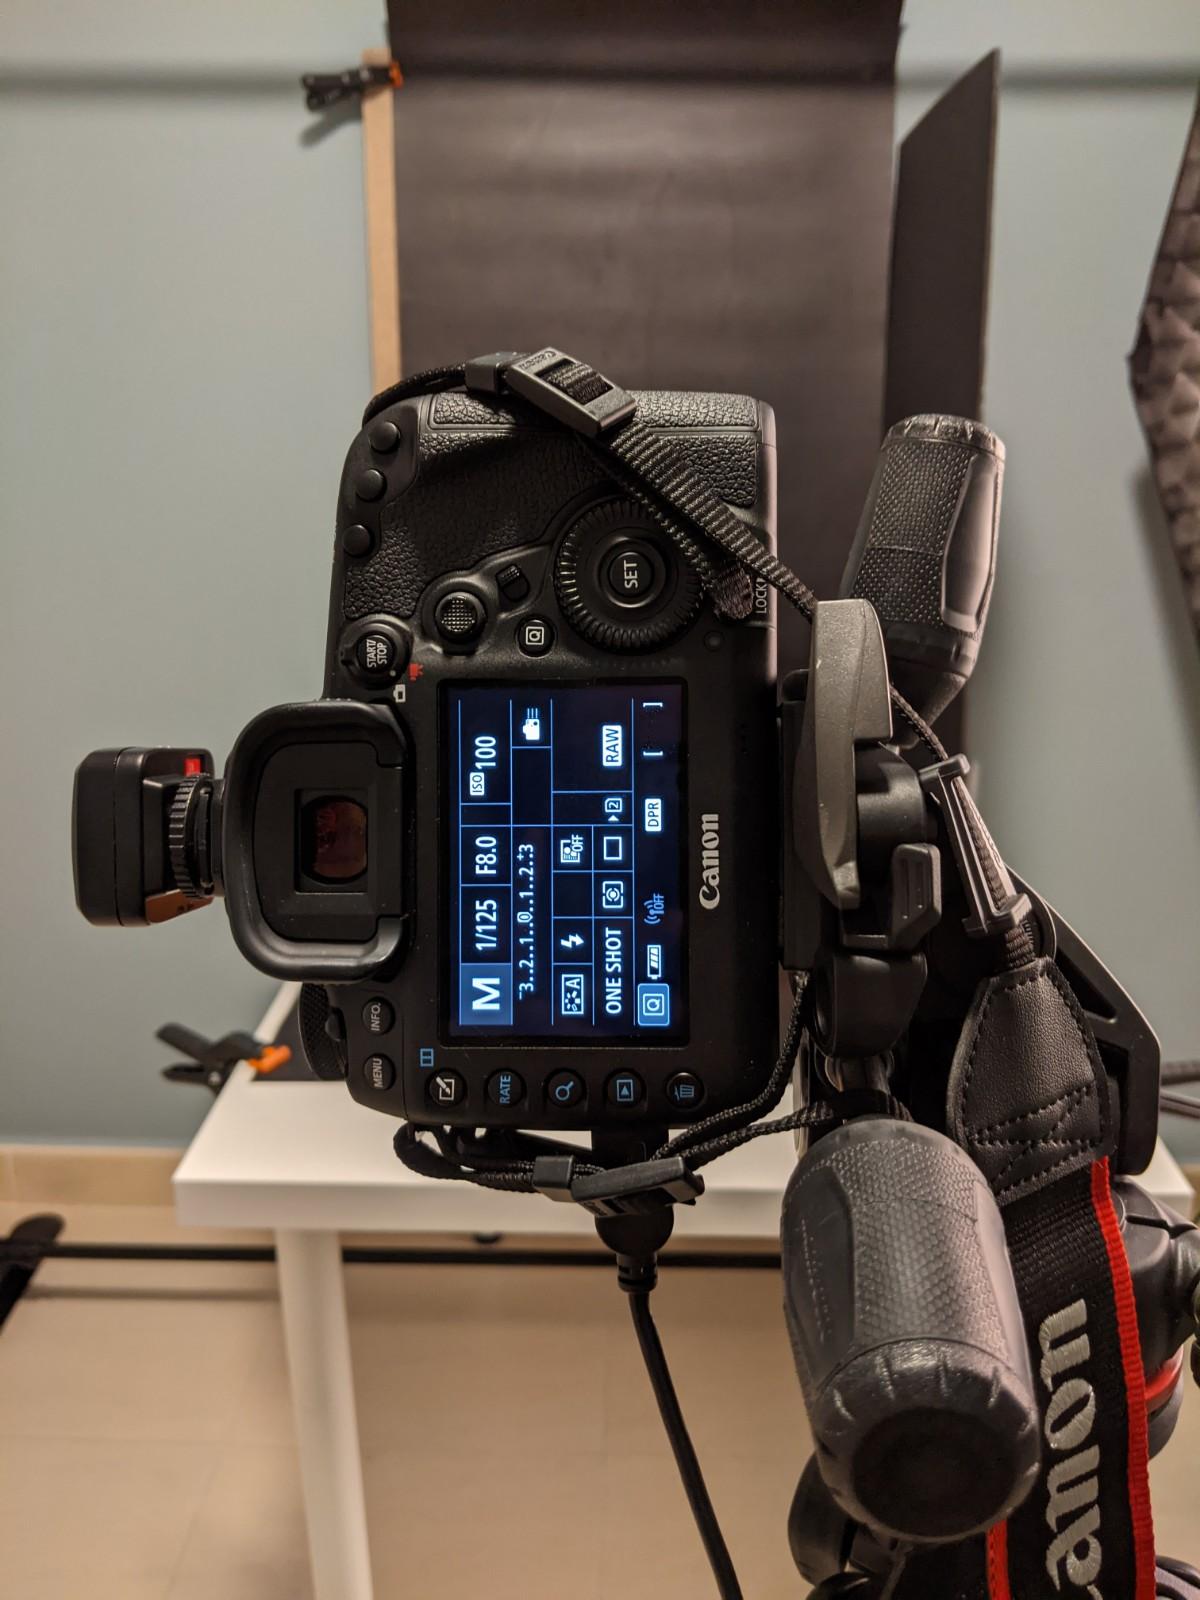 parámetros cámara fotografía